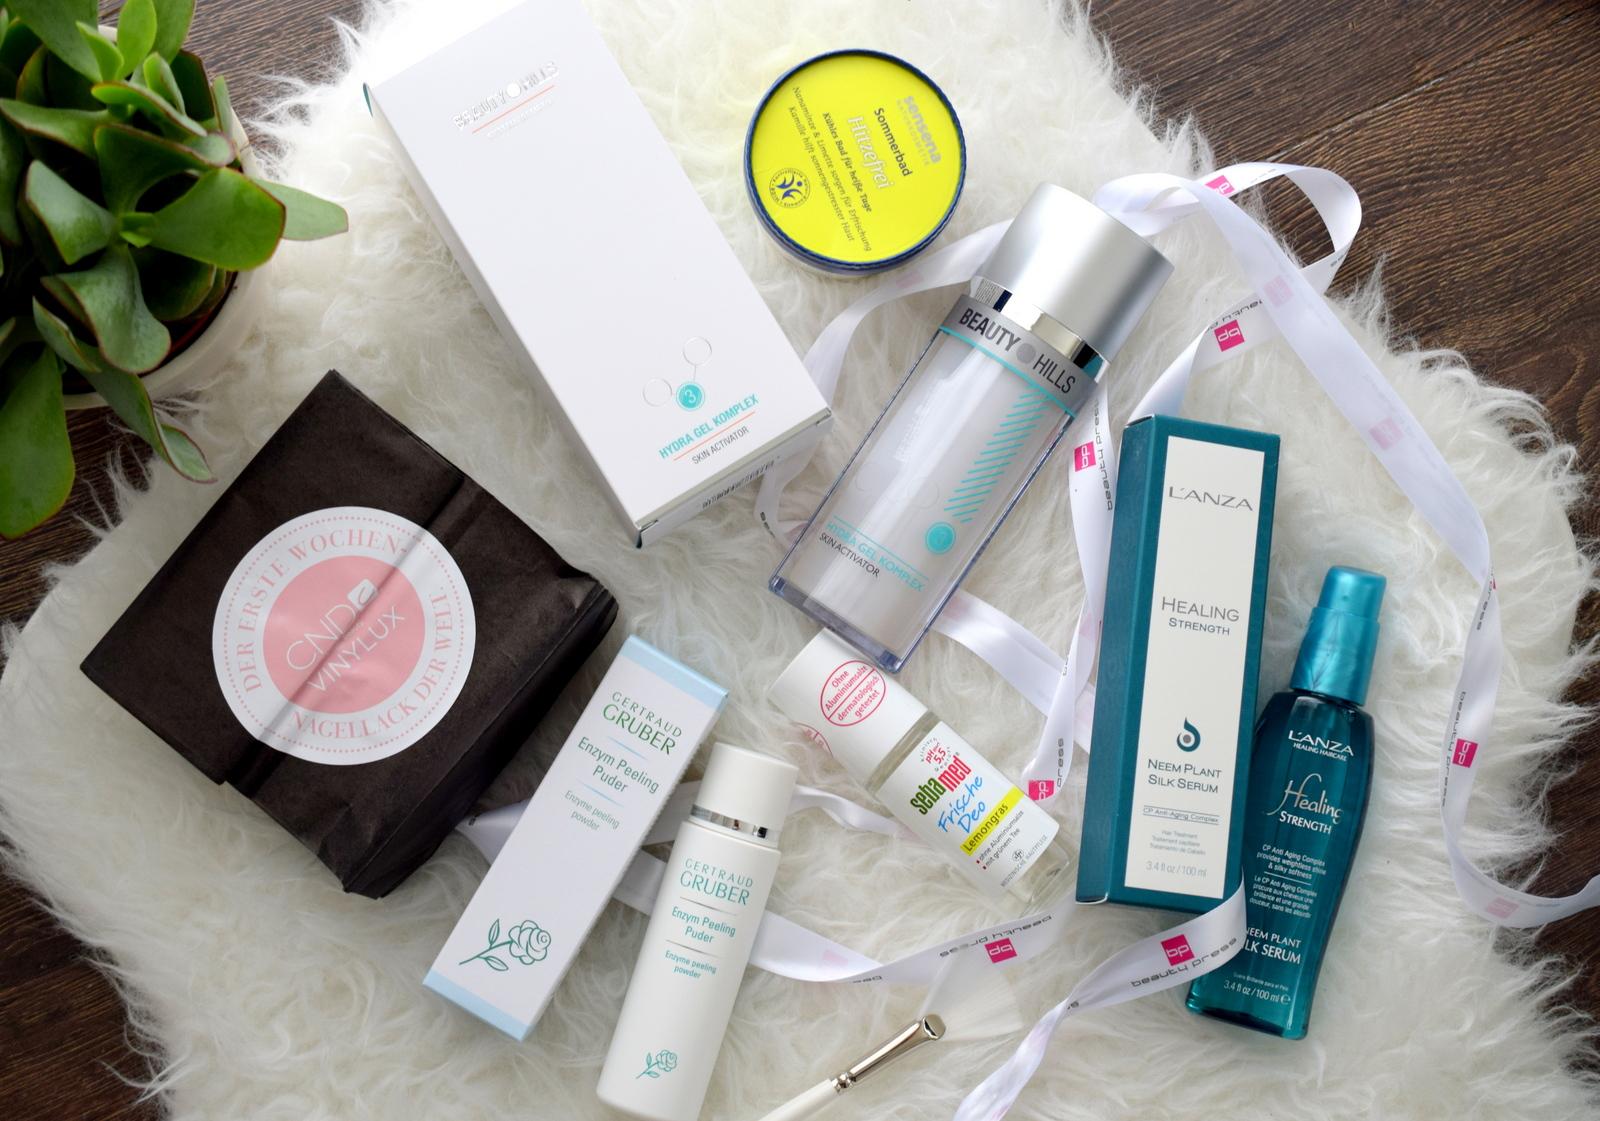 Inhalt Beautypress Newsbox August 2016, die an 50 Blogger im Beautypress Verteiler geschickt wird.